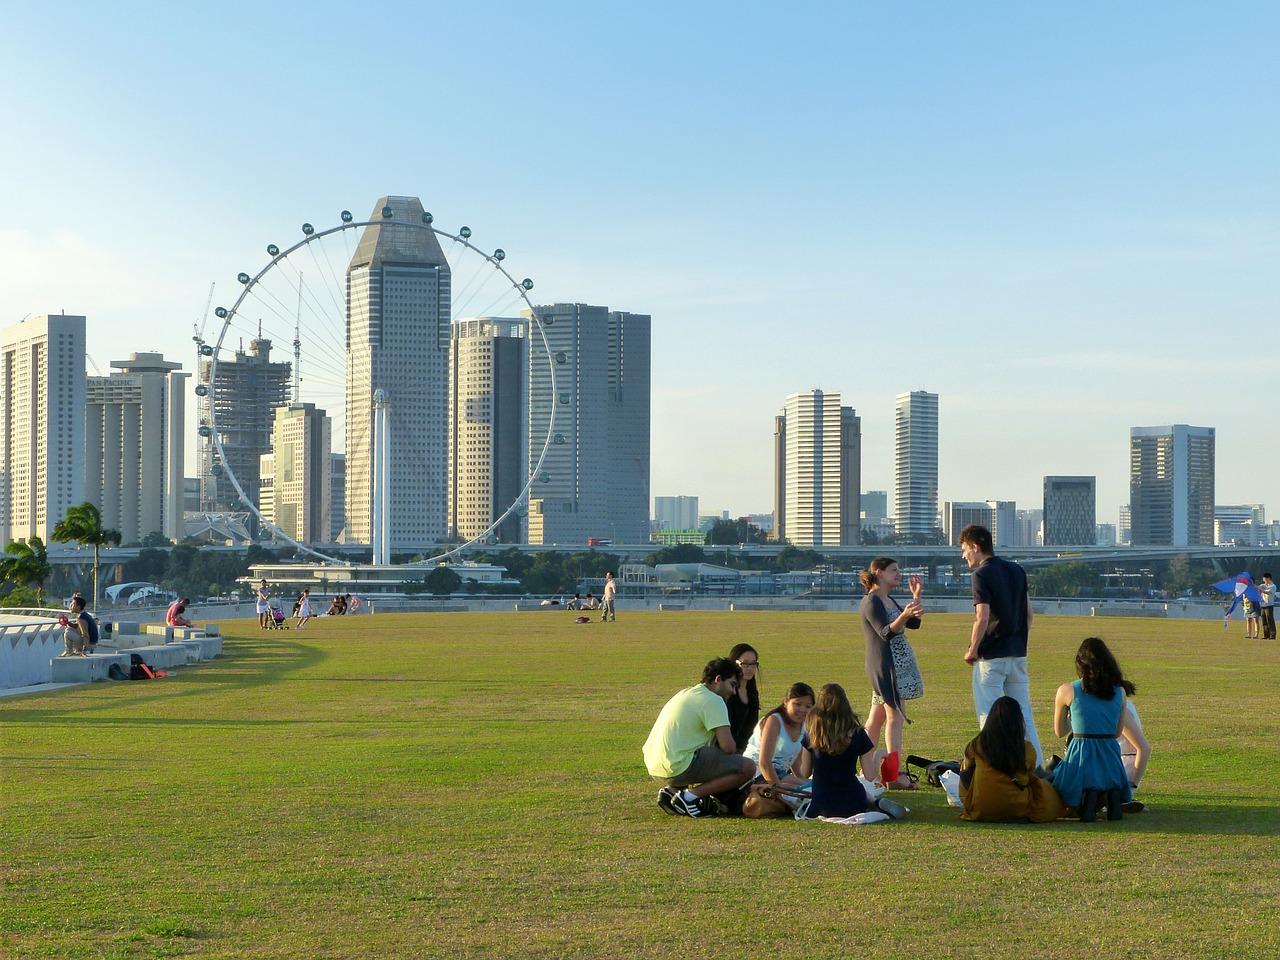 singapore-254858_1280.jpg